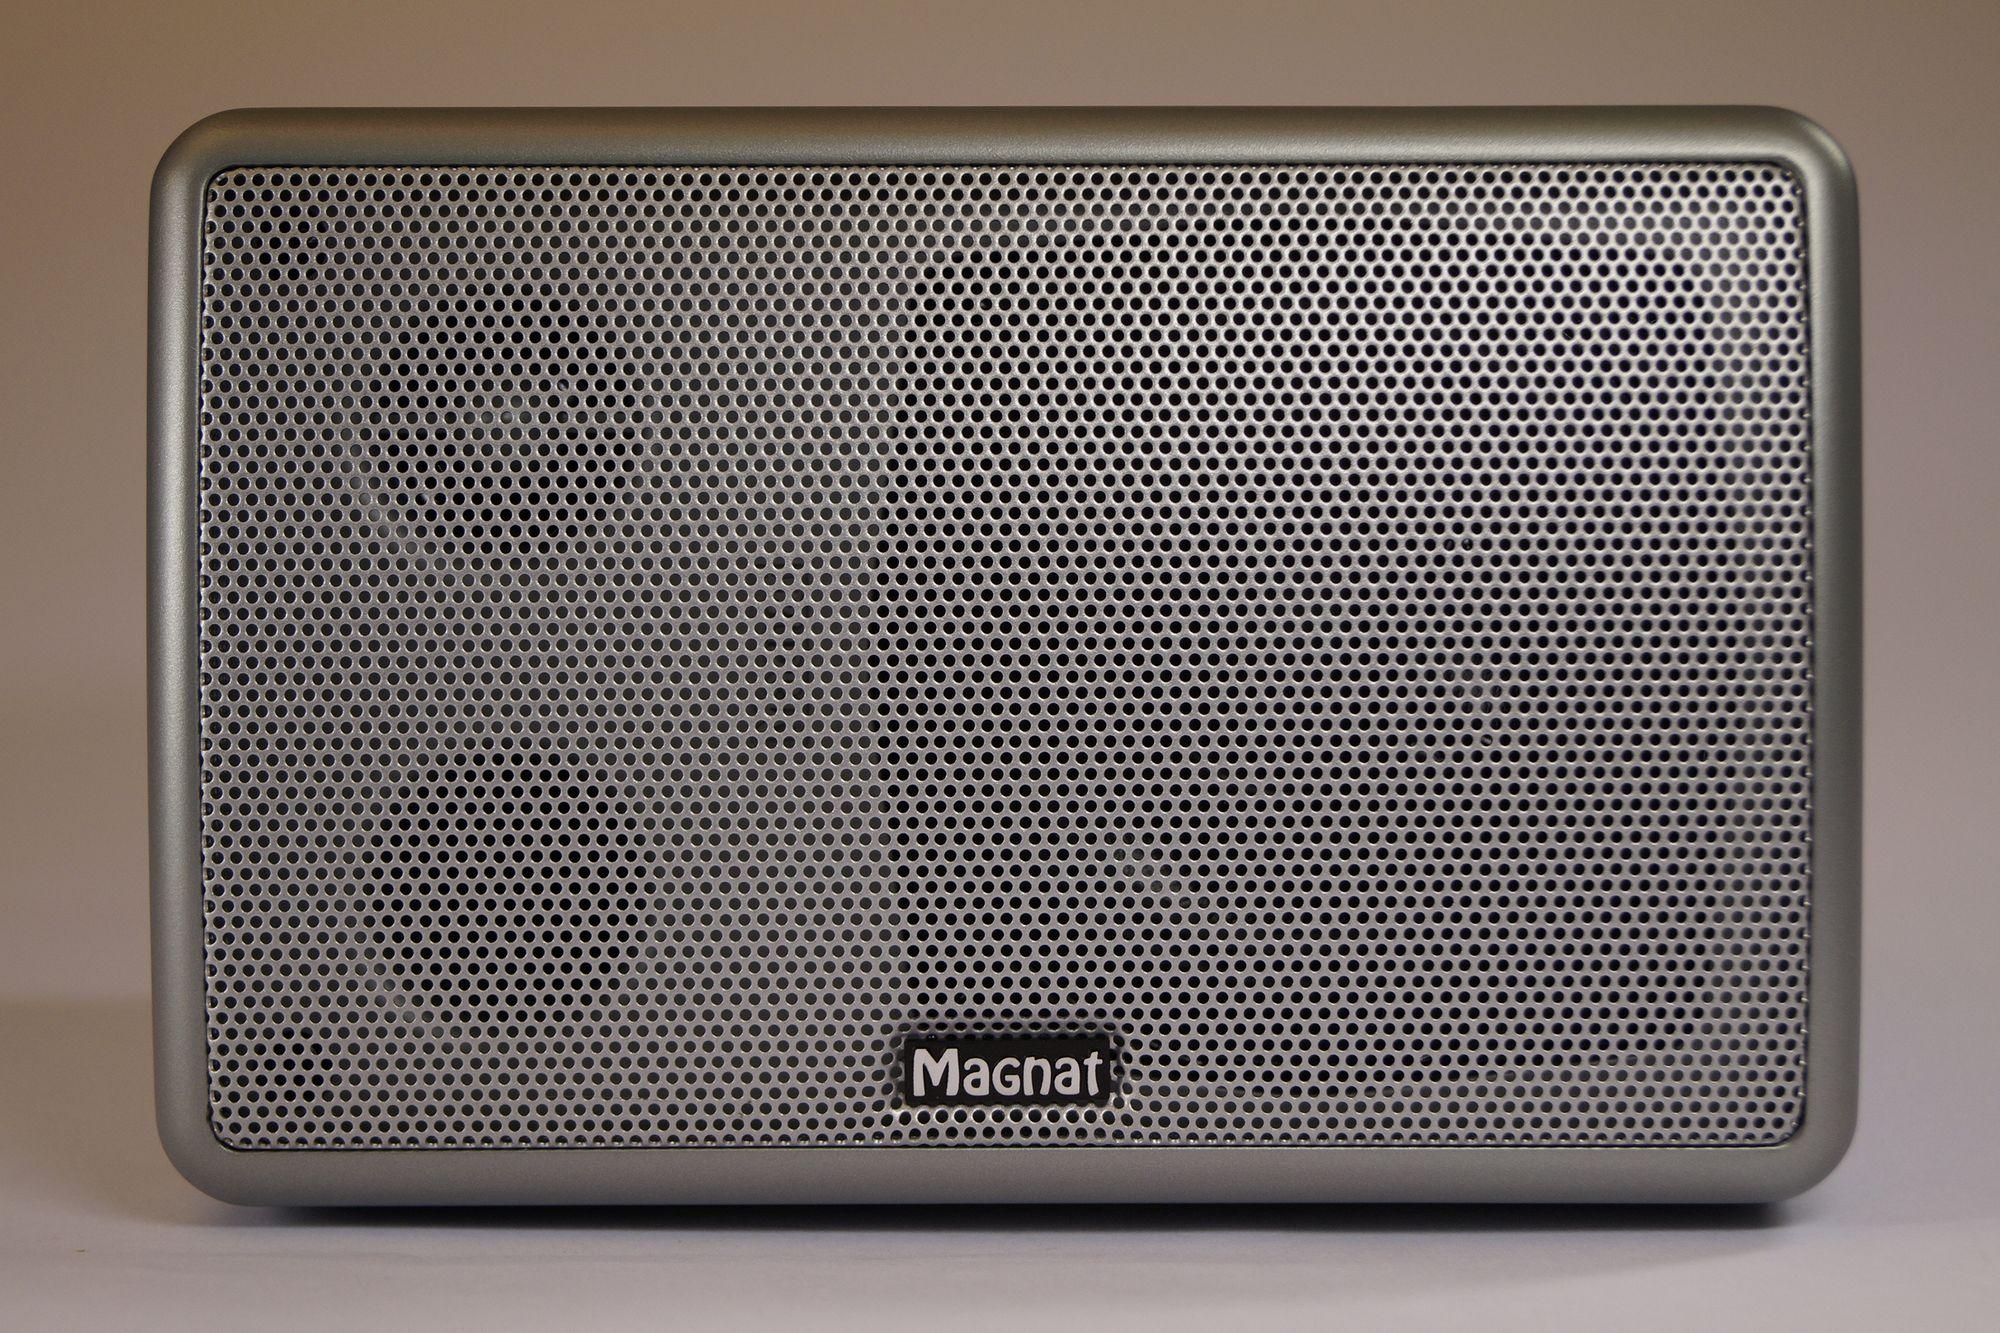 1 Stück Magnat Metric Center Lautsprecher silber, Neuware 001